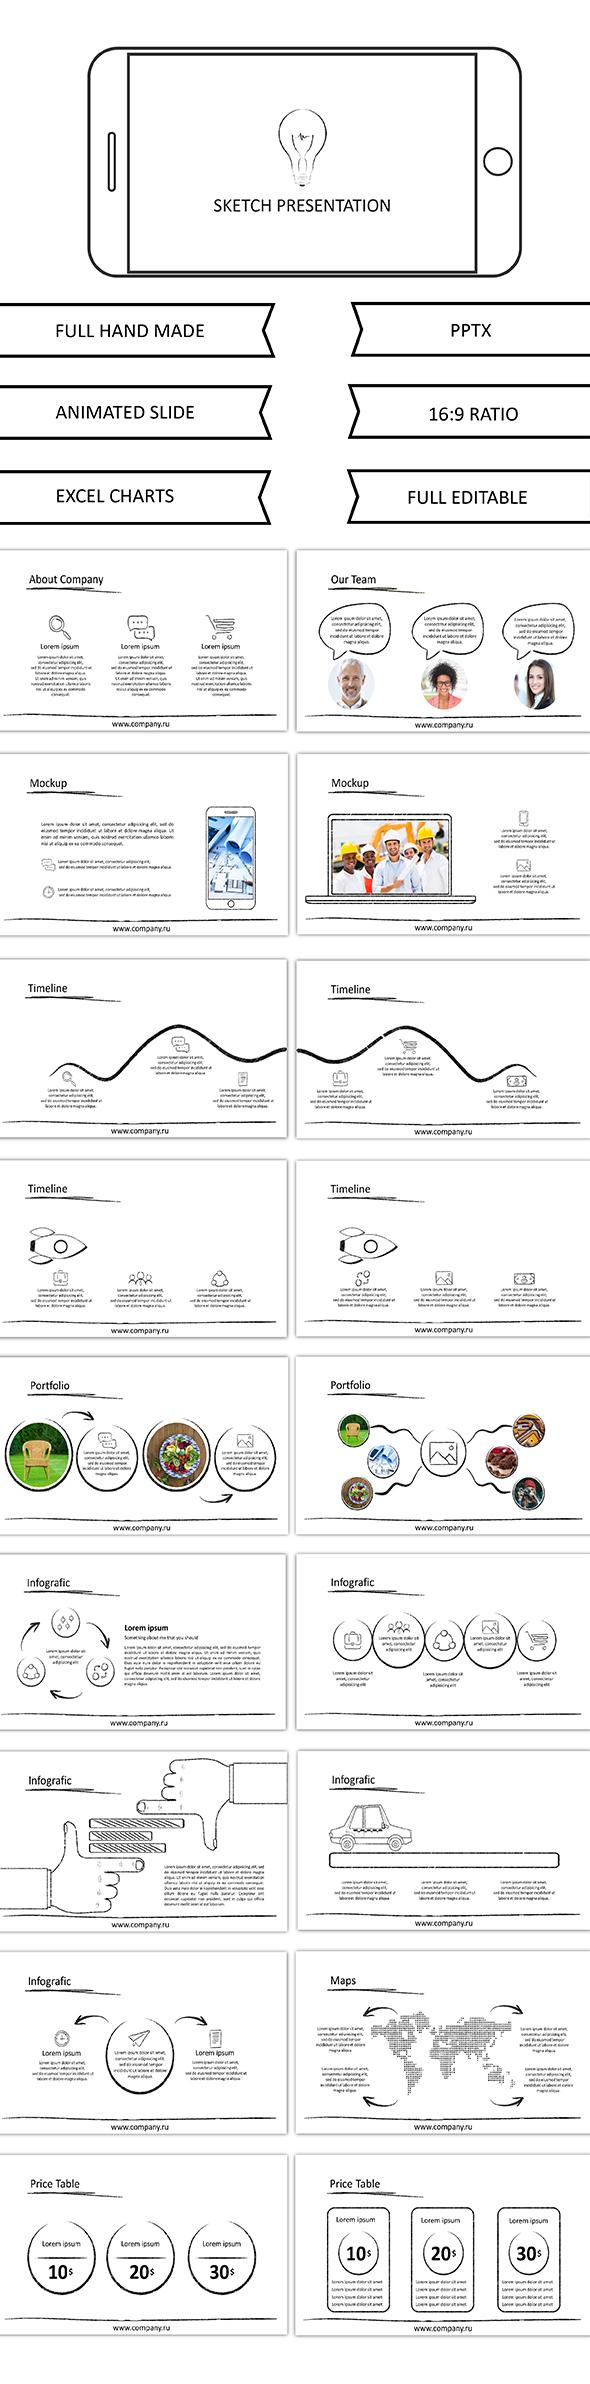 Sketch - PowerPoint presentation